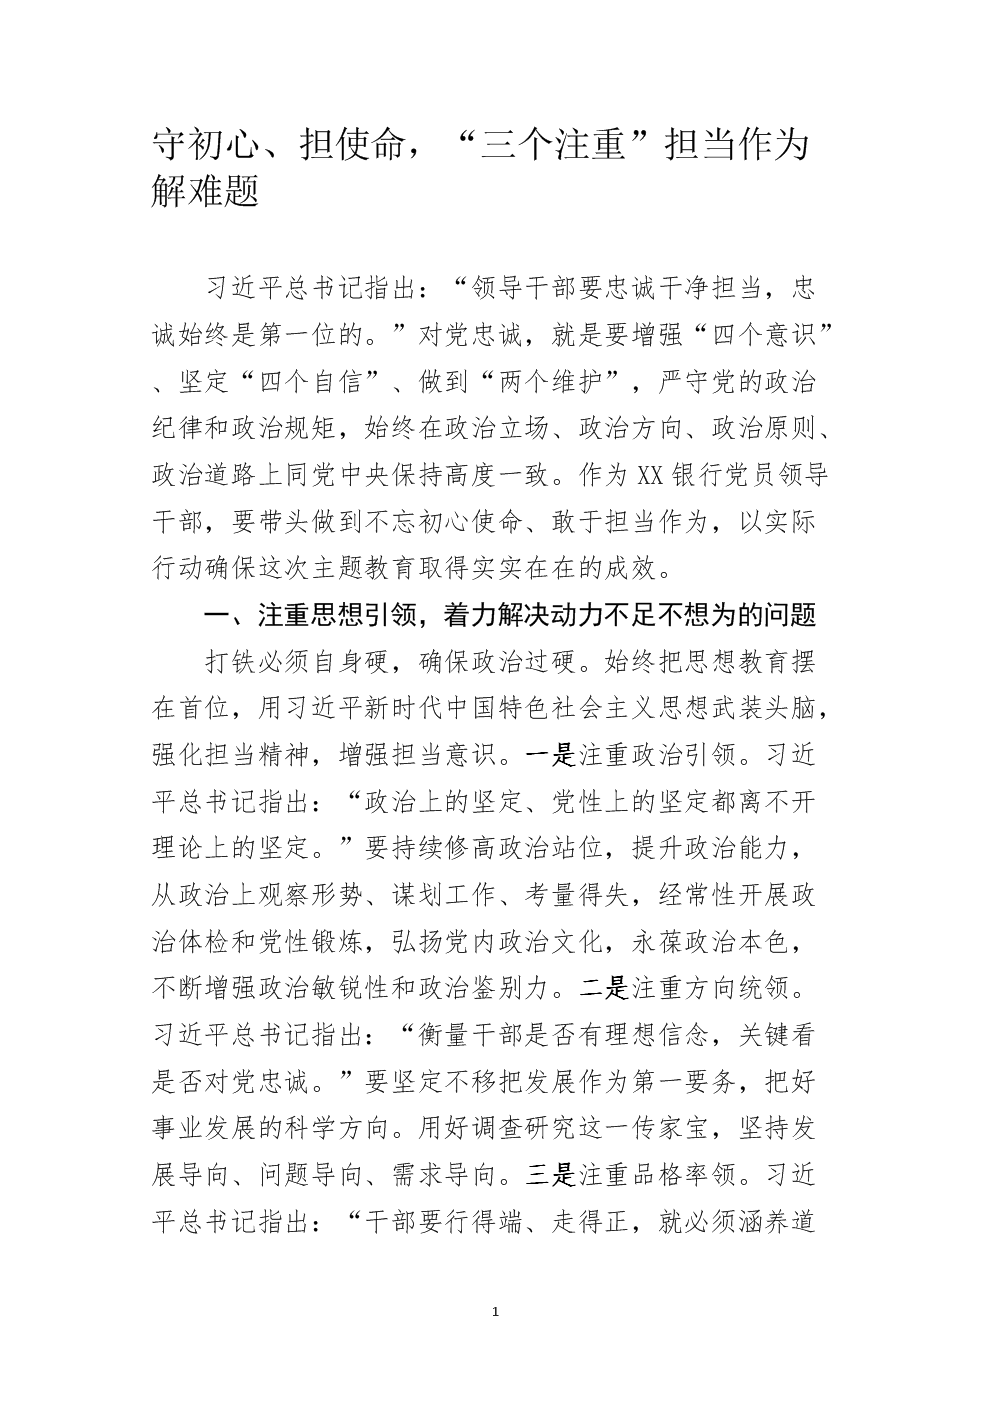 """主题教育讲党课材料-守初心、担使命,""""三个注重""""担当作为解难题.doc"""